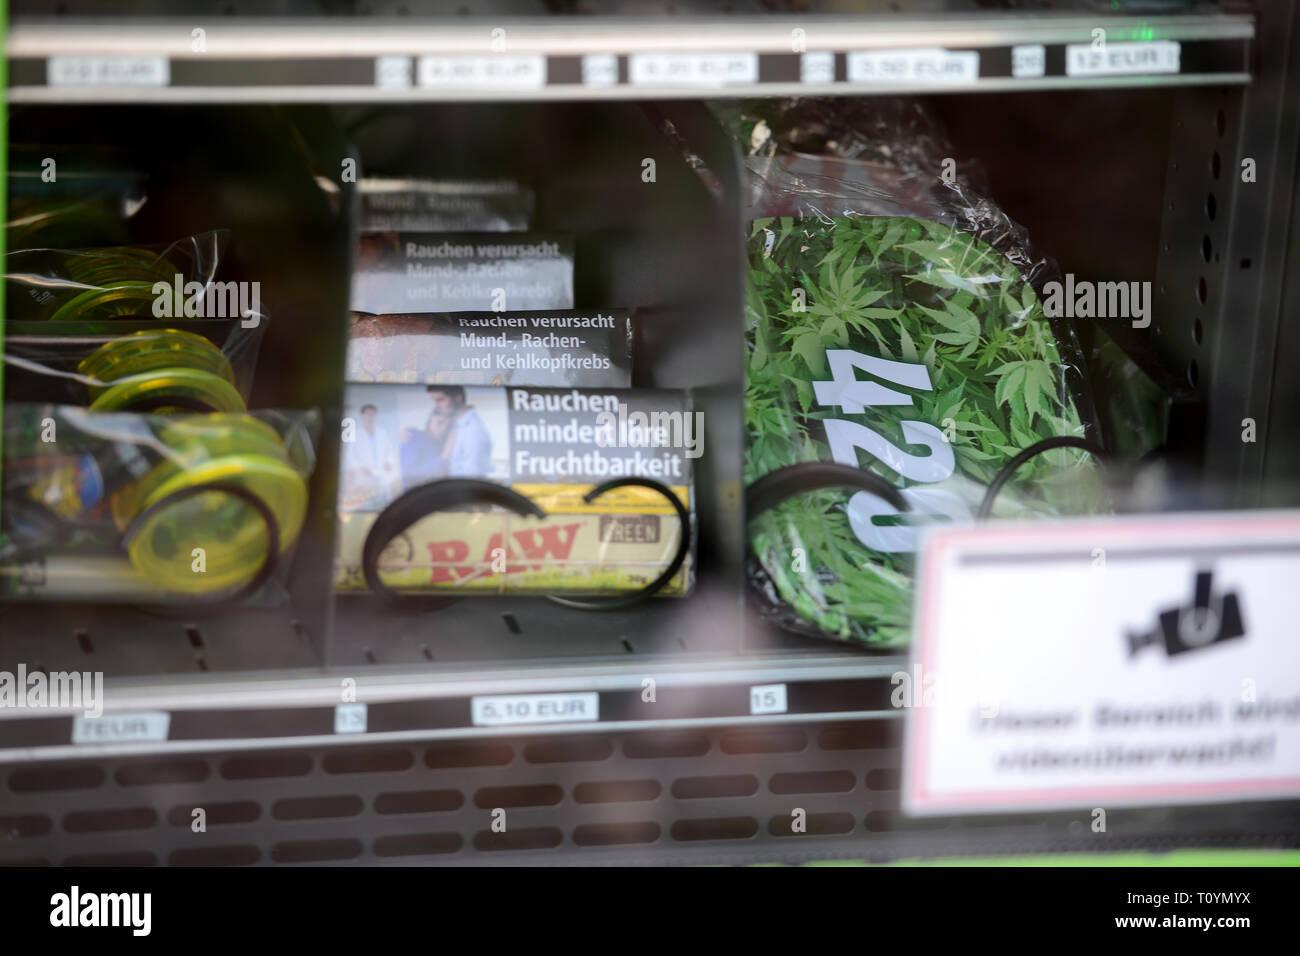 Trier, Alemania. 21 Mar, 2019. Pulsado y flores secas de cannabis en sobres, así como extraer beads en cajas de plástico, además de todo tipo de accesorios para fumadores están disponibles para la compra de una máquina expendedora de cannabis. Estos son los productos de cáñamo con la sustancia activa del CDB (cannabidiol), que se considera casi psicoactivo. Crédito: Harald Tittel/dpa/Alamy Live News Foto de stock